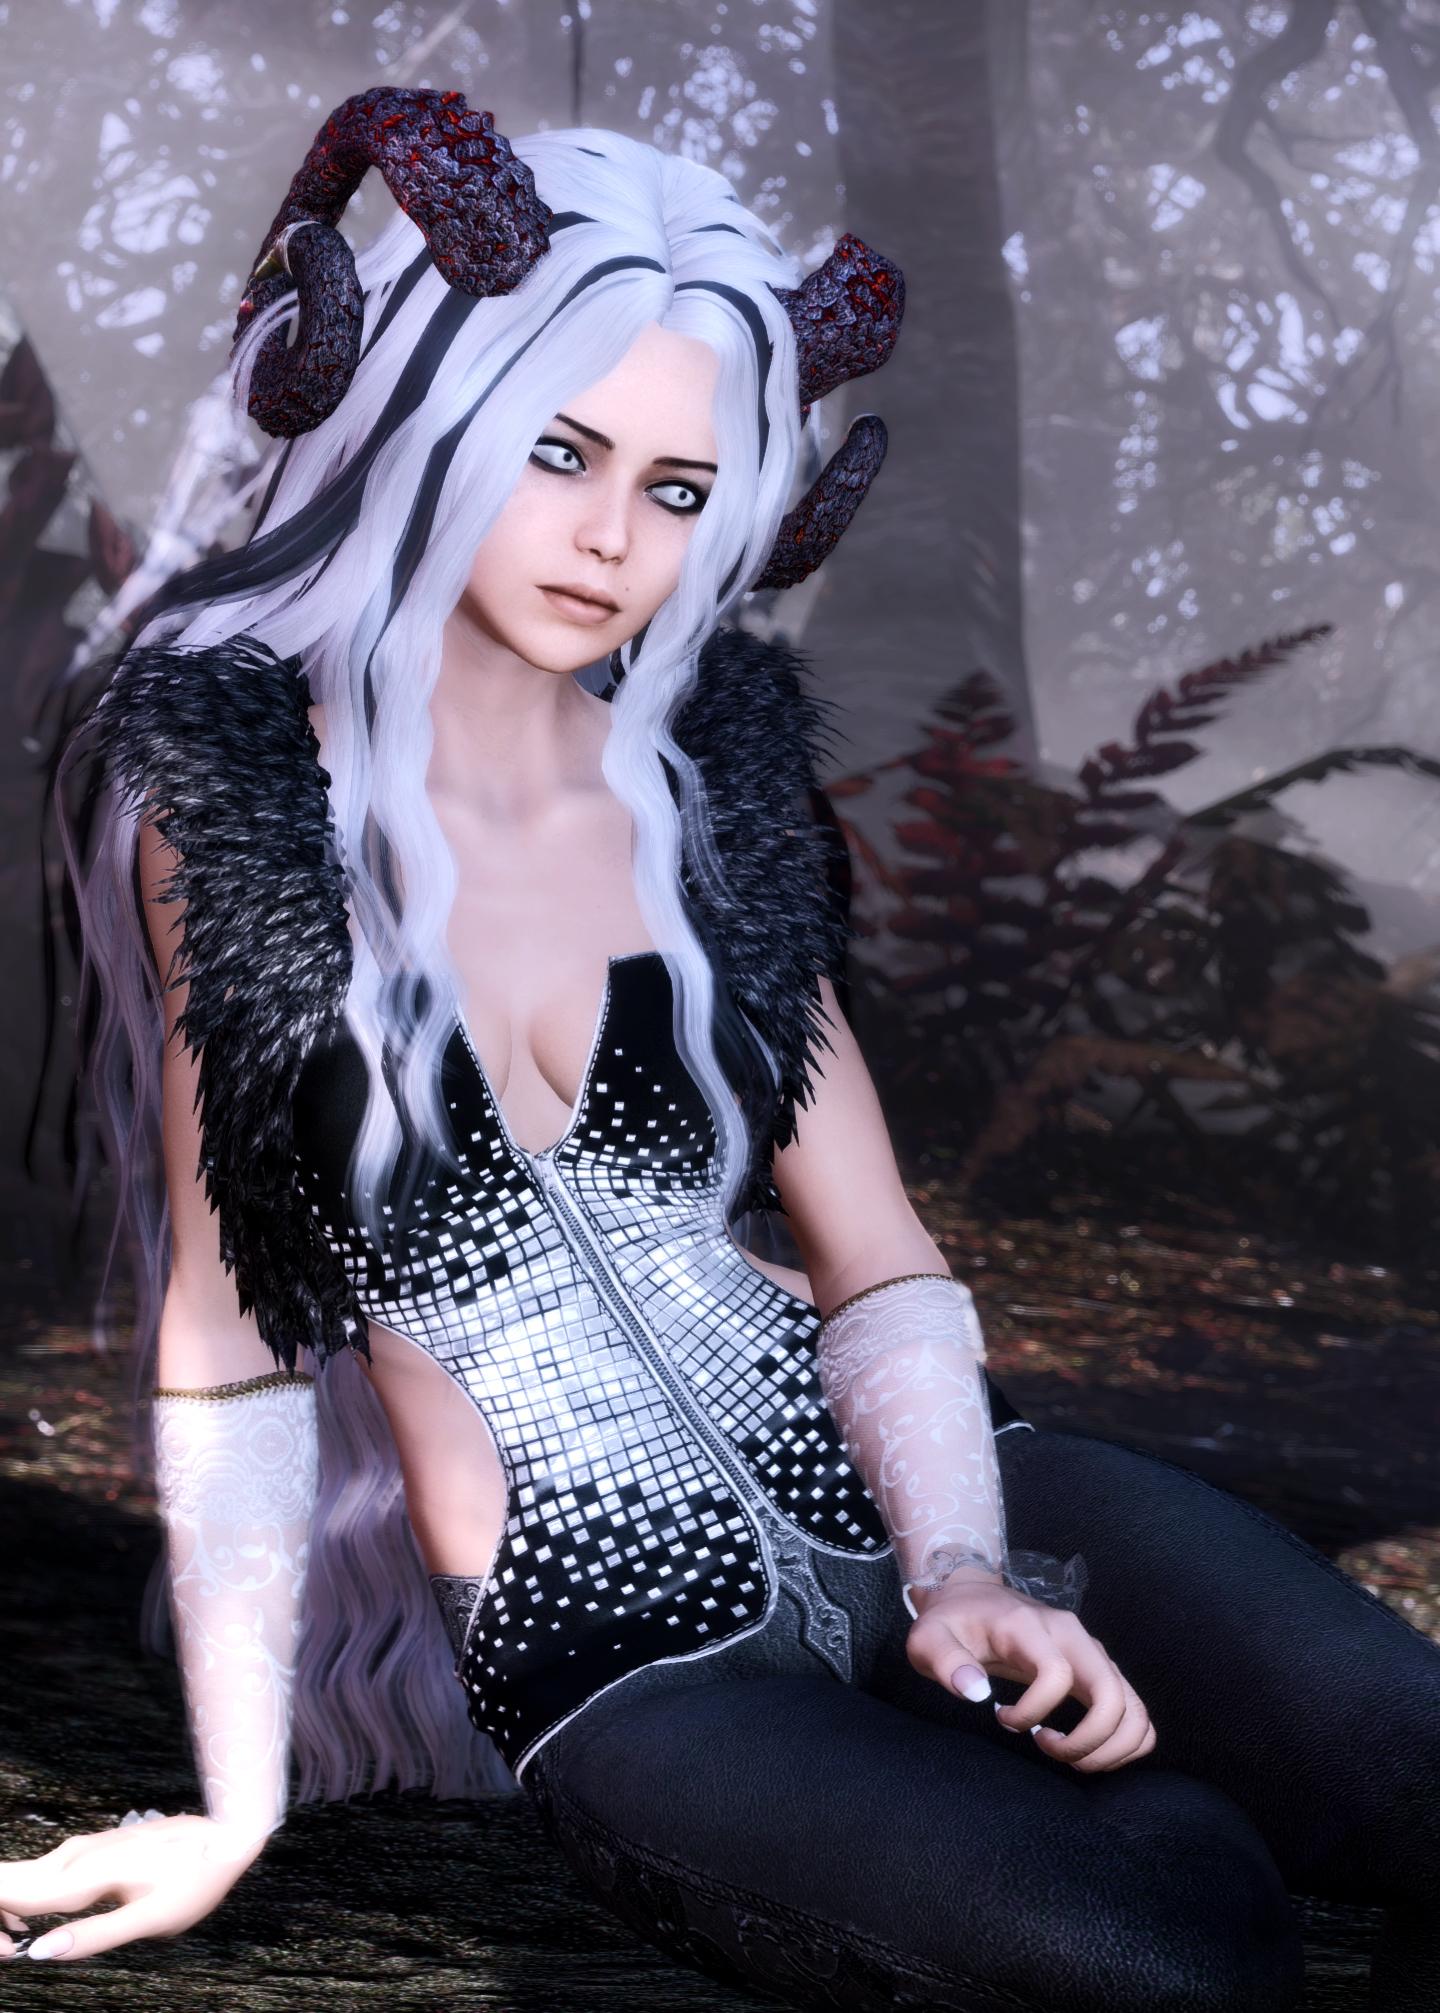 29732750004_dd4e5c6c08_o.jpg - Elder Scrolls 5: Skyrim, the